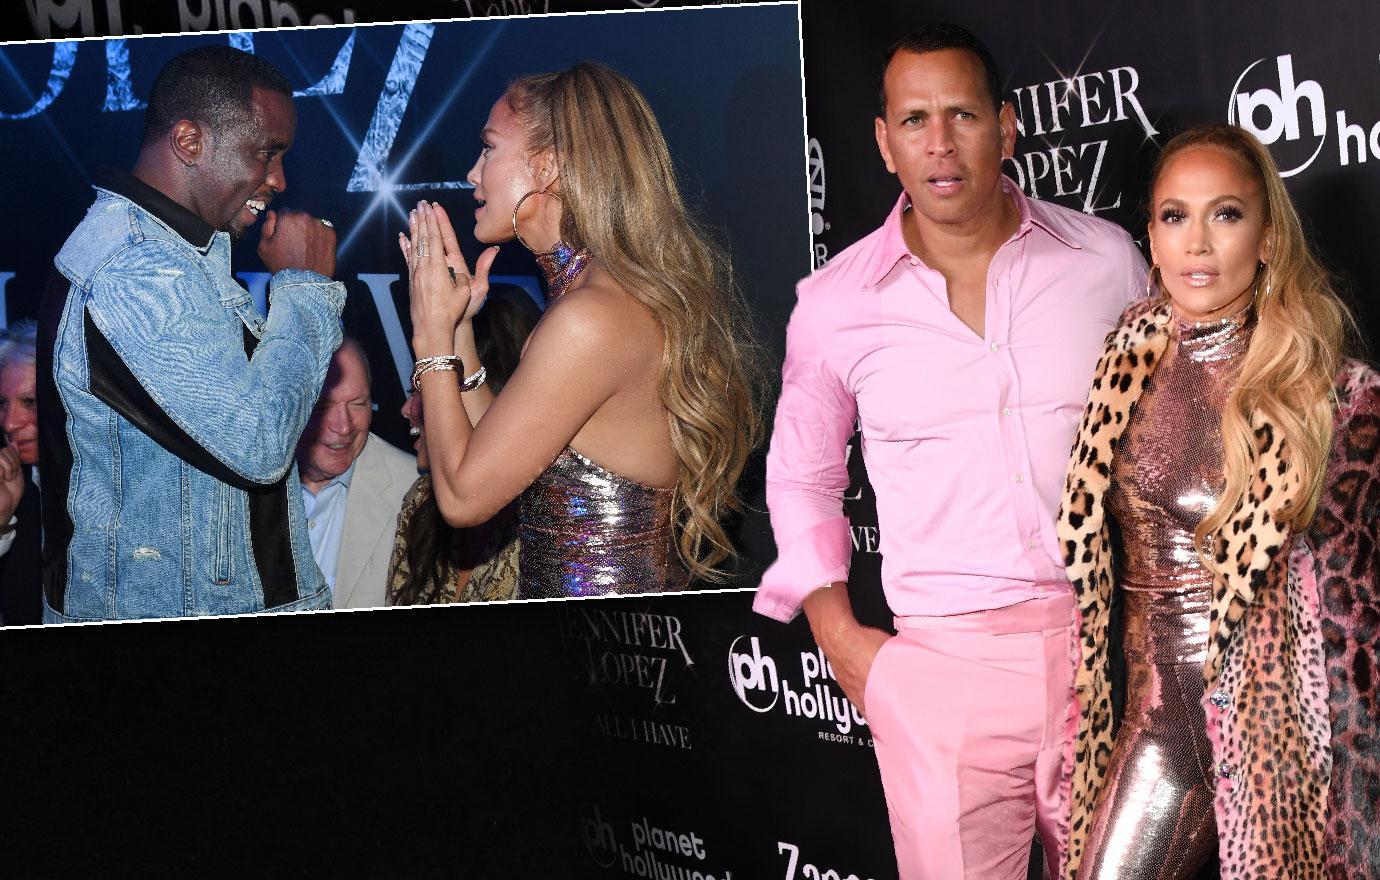 Jennifer Lopez Serenades former Boyfriend Diddy